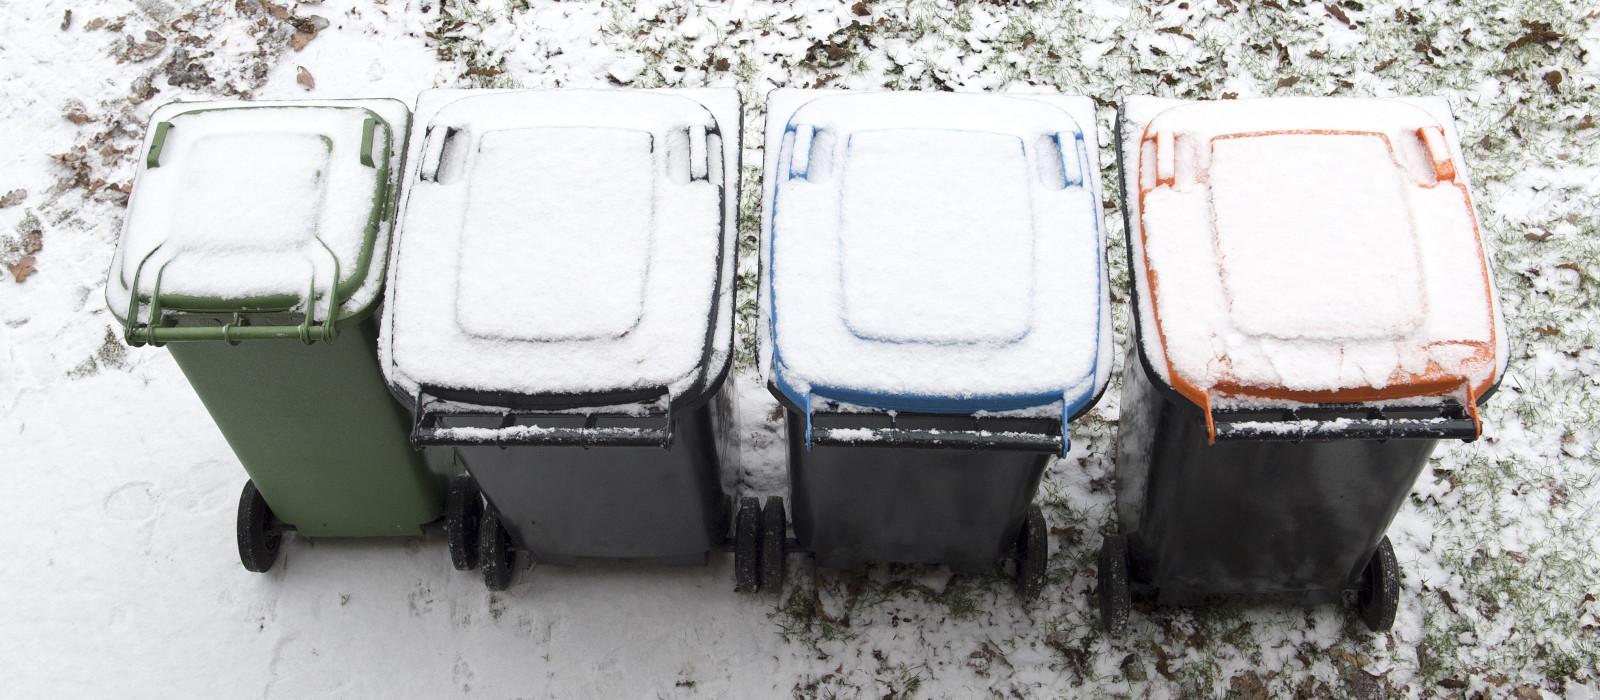 Inzameling bij zwaar winterweer